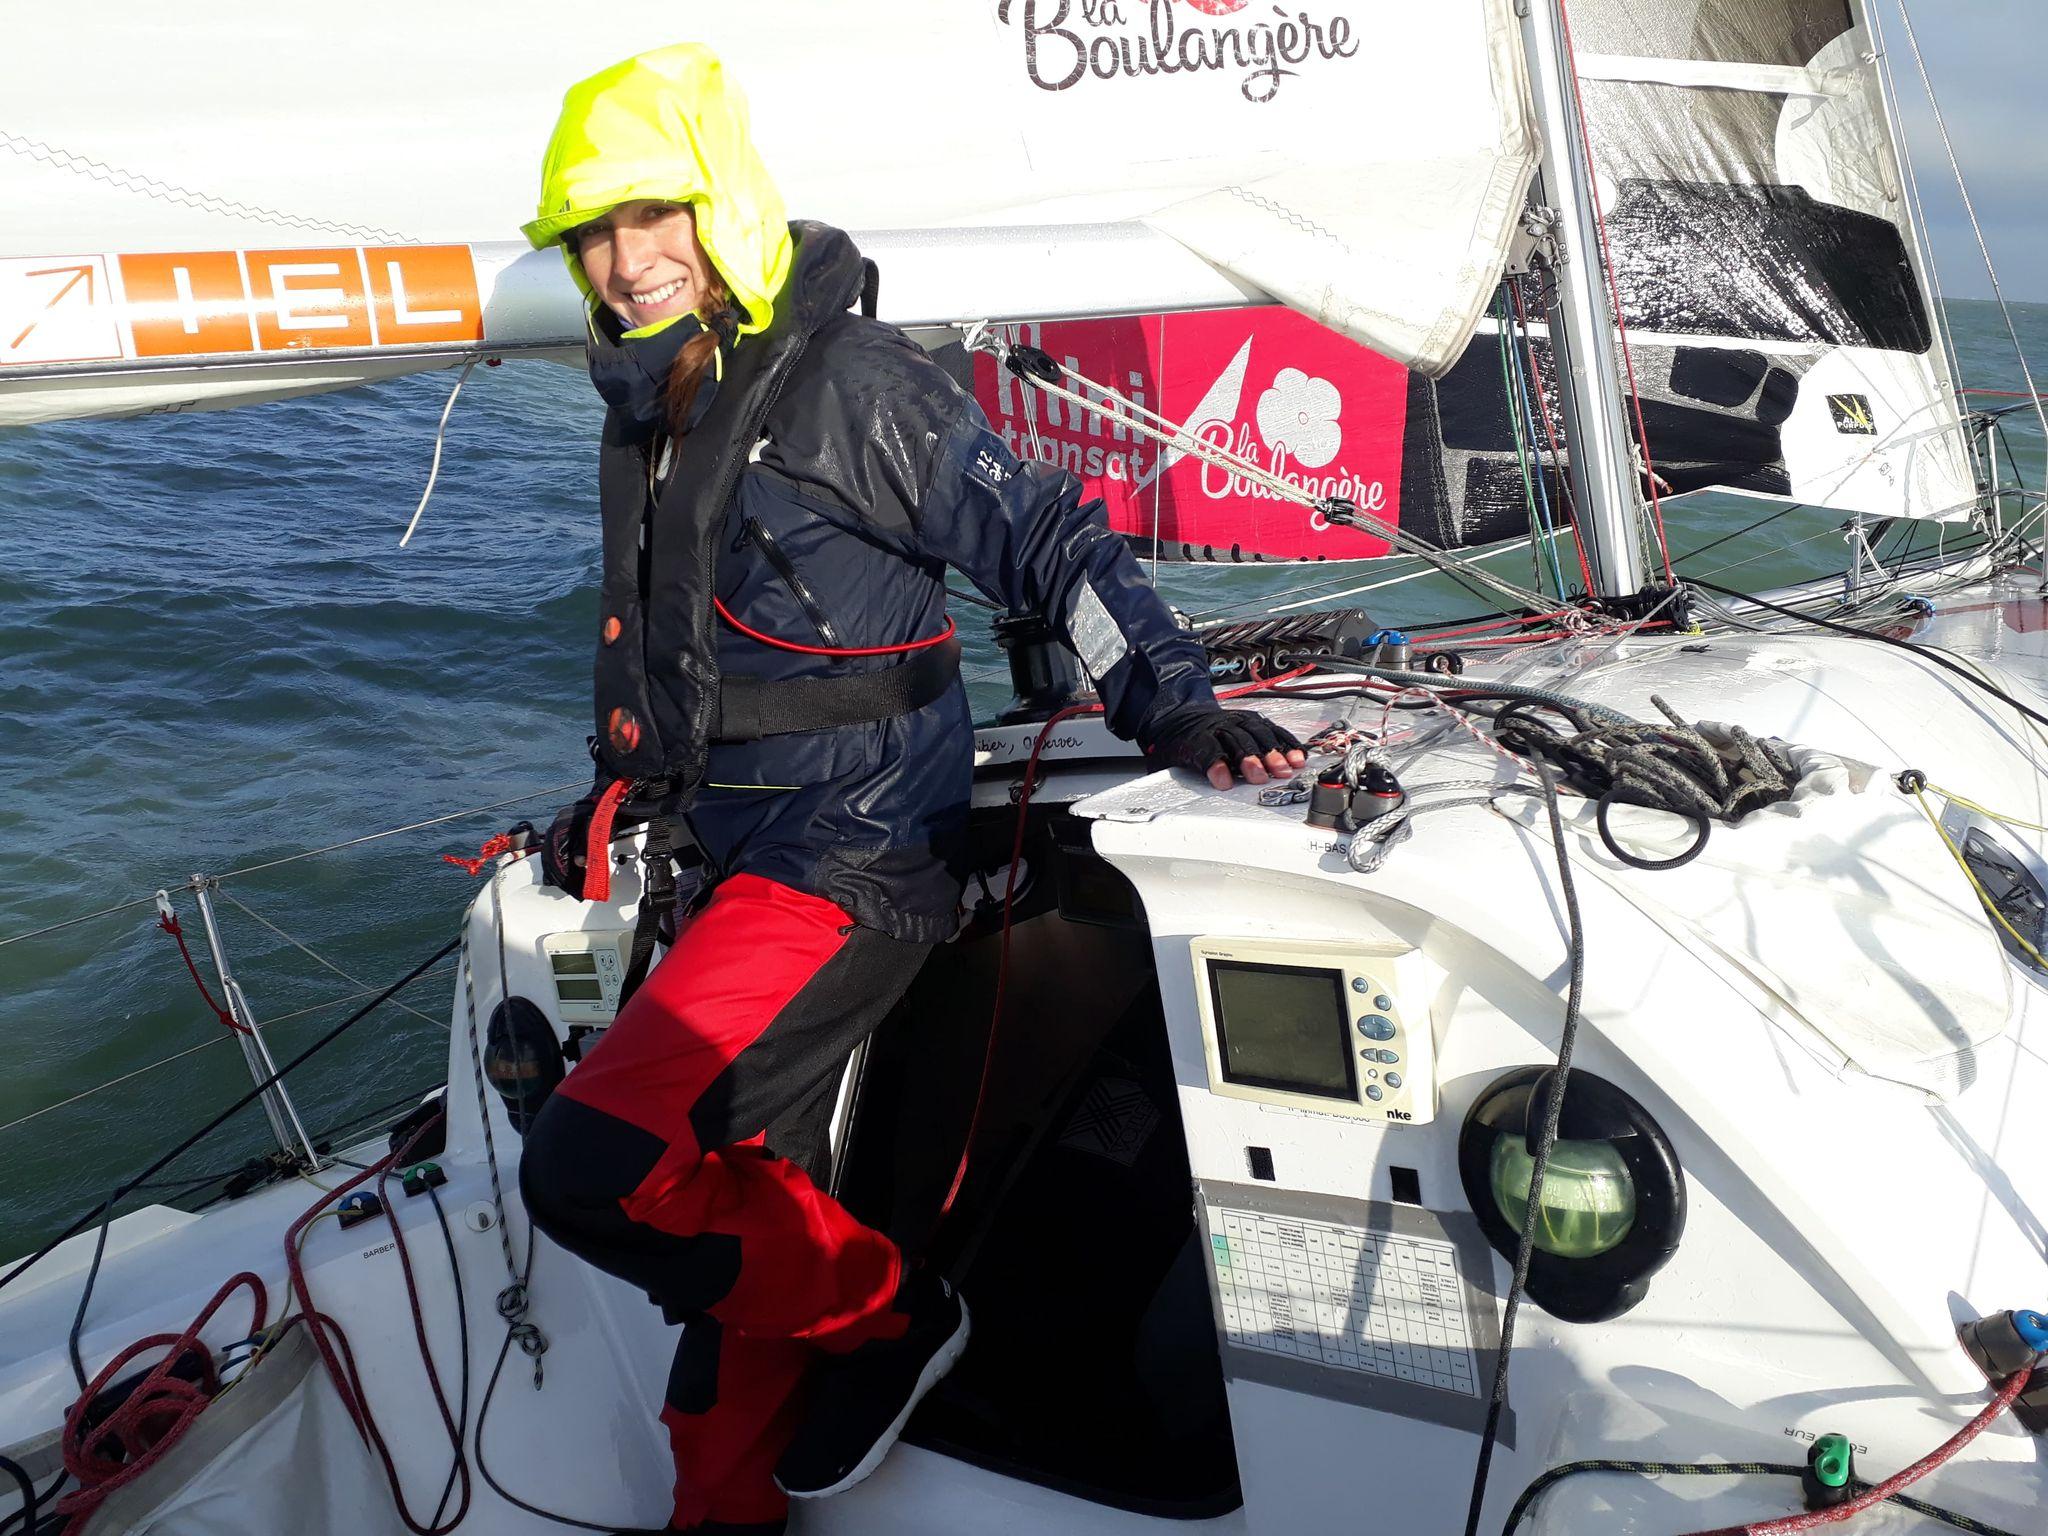 Hélène Clouet sur son bateau